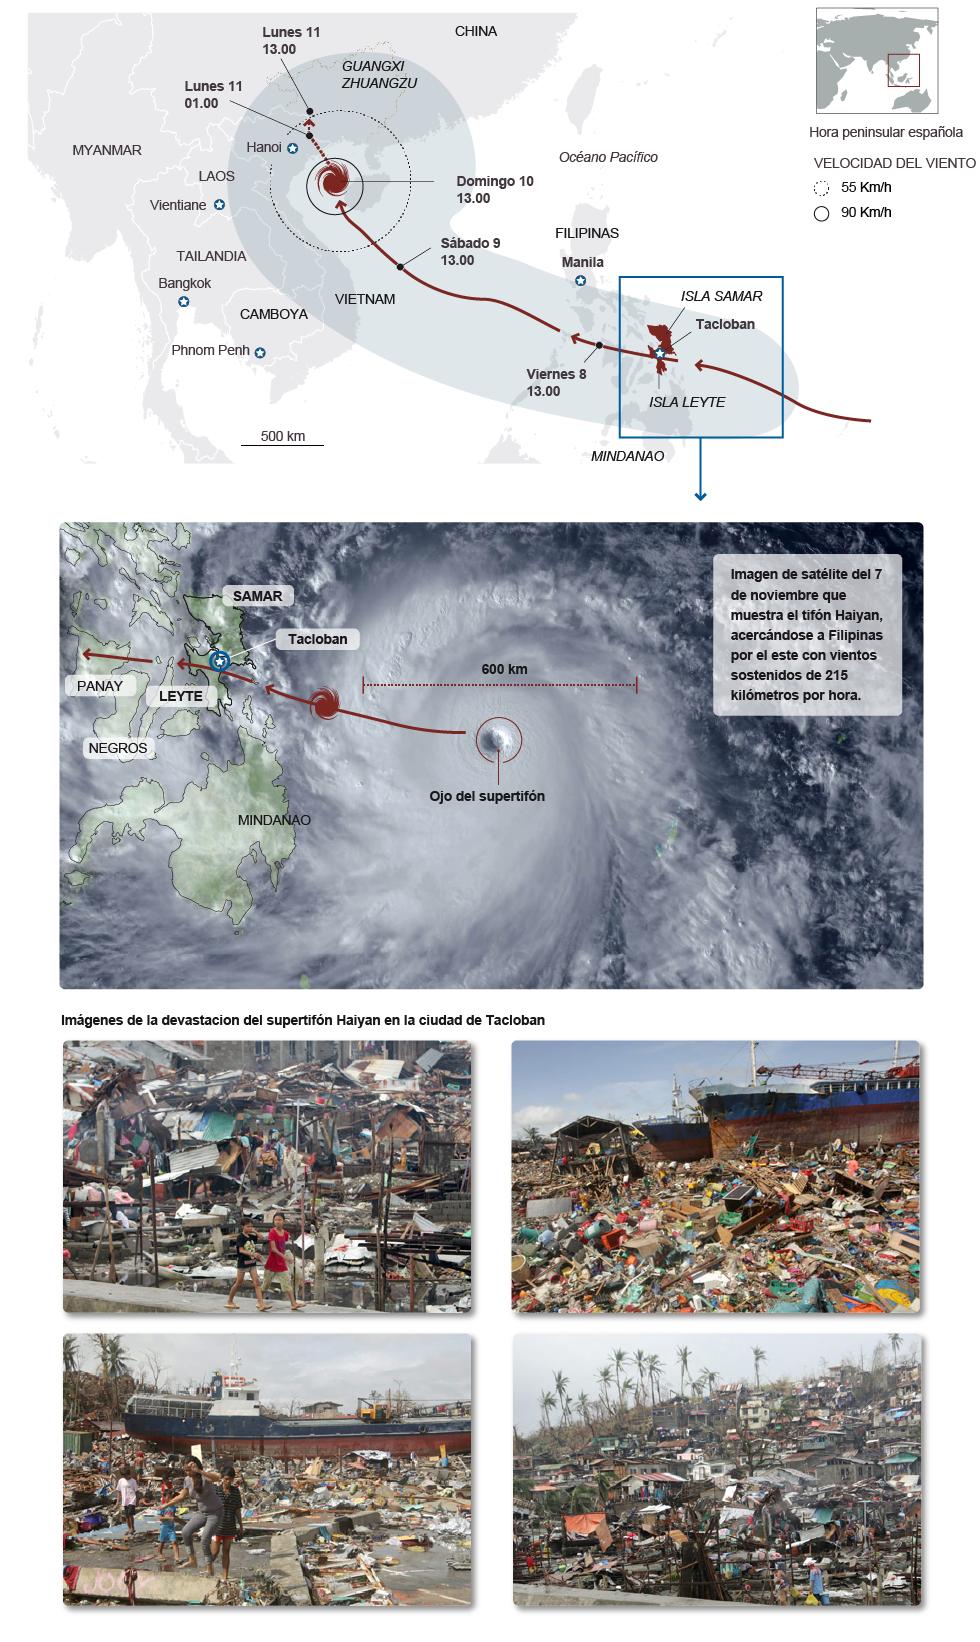 Recorrido y devastación del supertifón Haiyan   Media   EL PAÍS #infographic #infografia